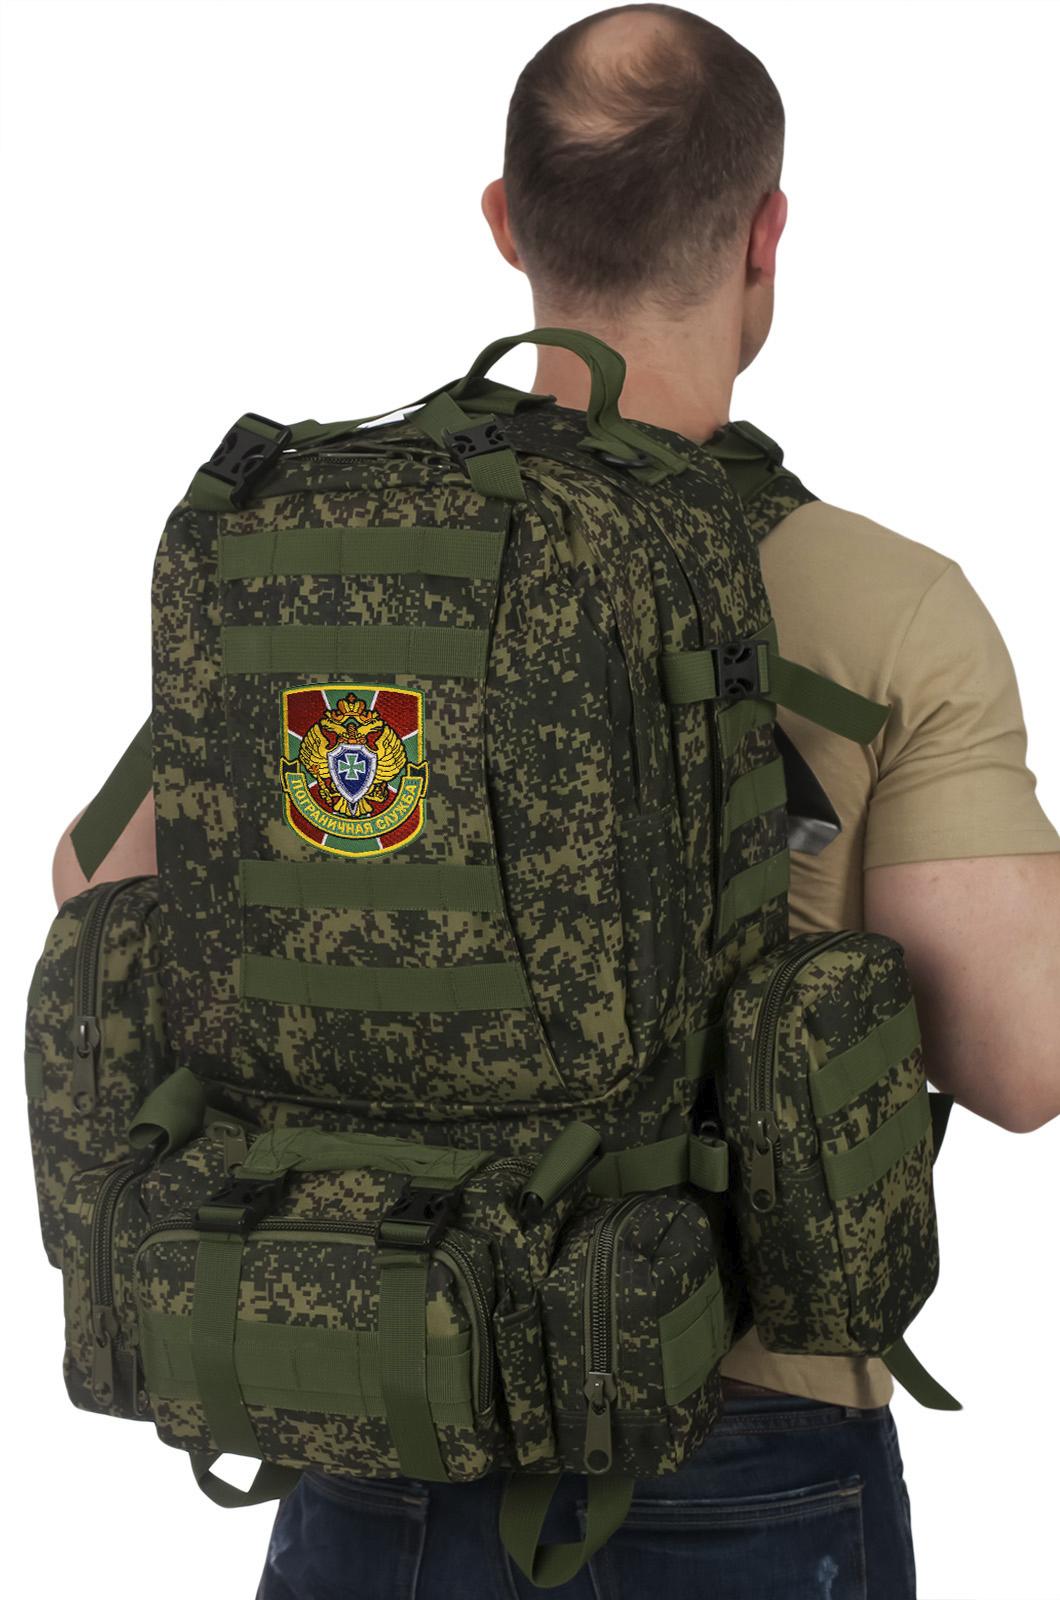 Тактический военный рюкзак с нашивкой Пограничная Служба - купить в подарок